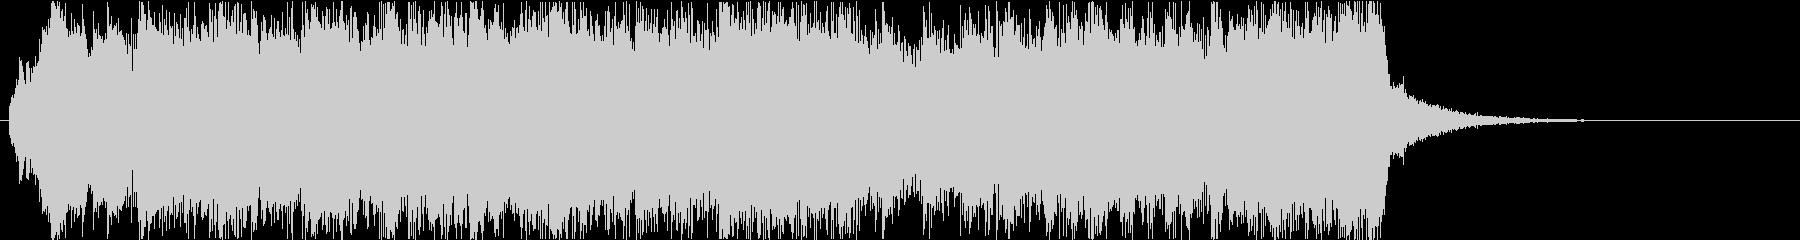 クリスマスの派手なオープニングジングル2の未再生の波形